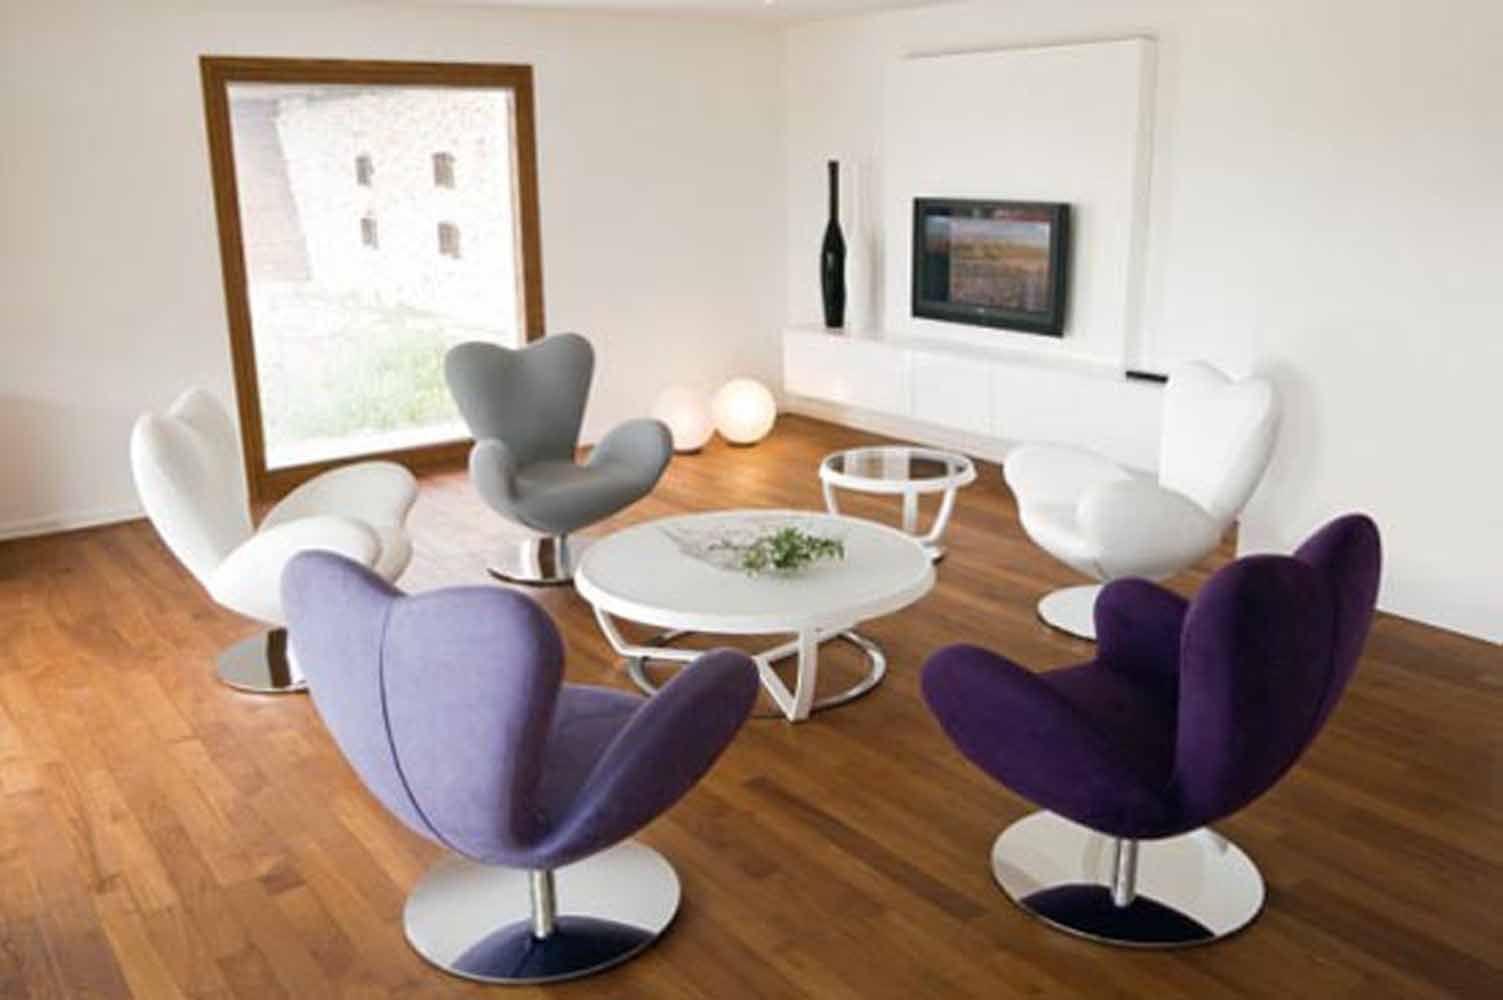 Mitte jahrhundert kinderzimmer wählen sie die wohnzimmer stühle sind ideal für ihr zuhause moderne